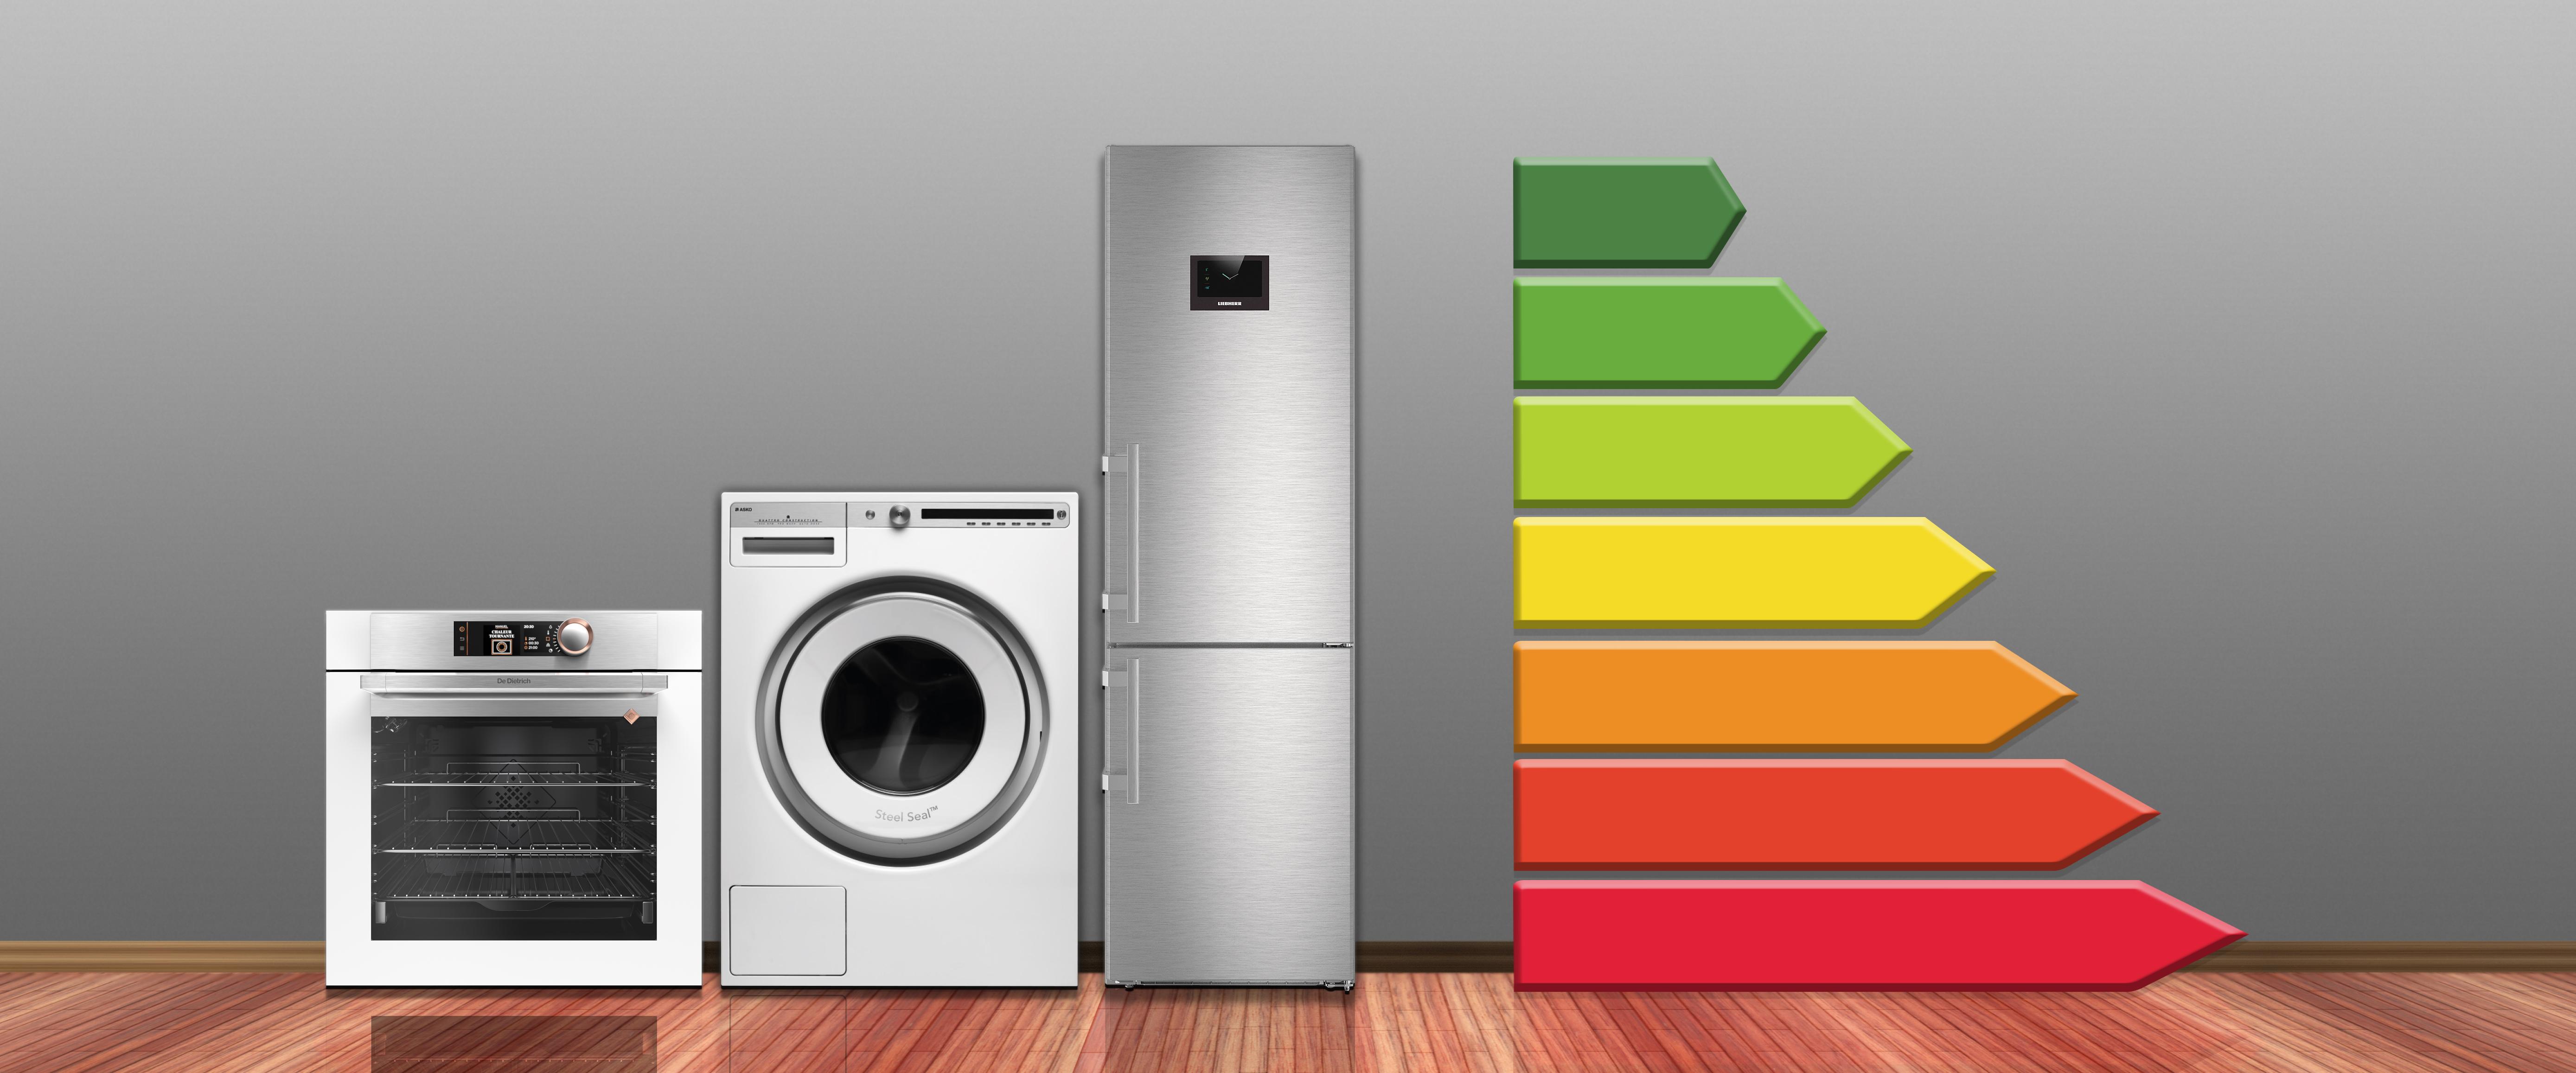 Header Bild neue Energieeffizienz